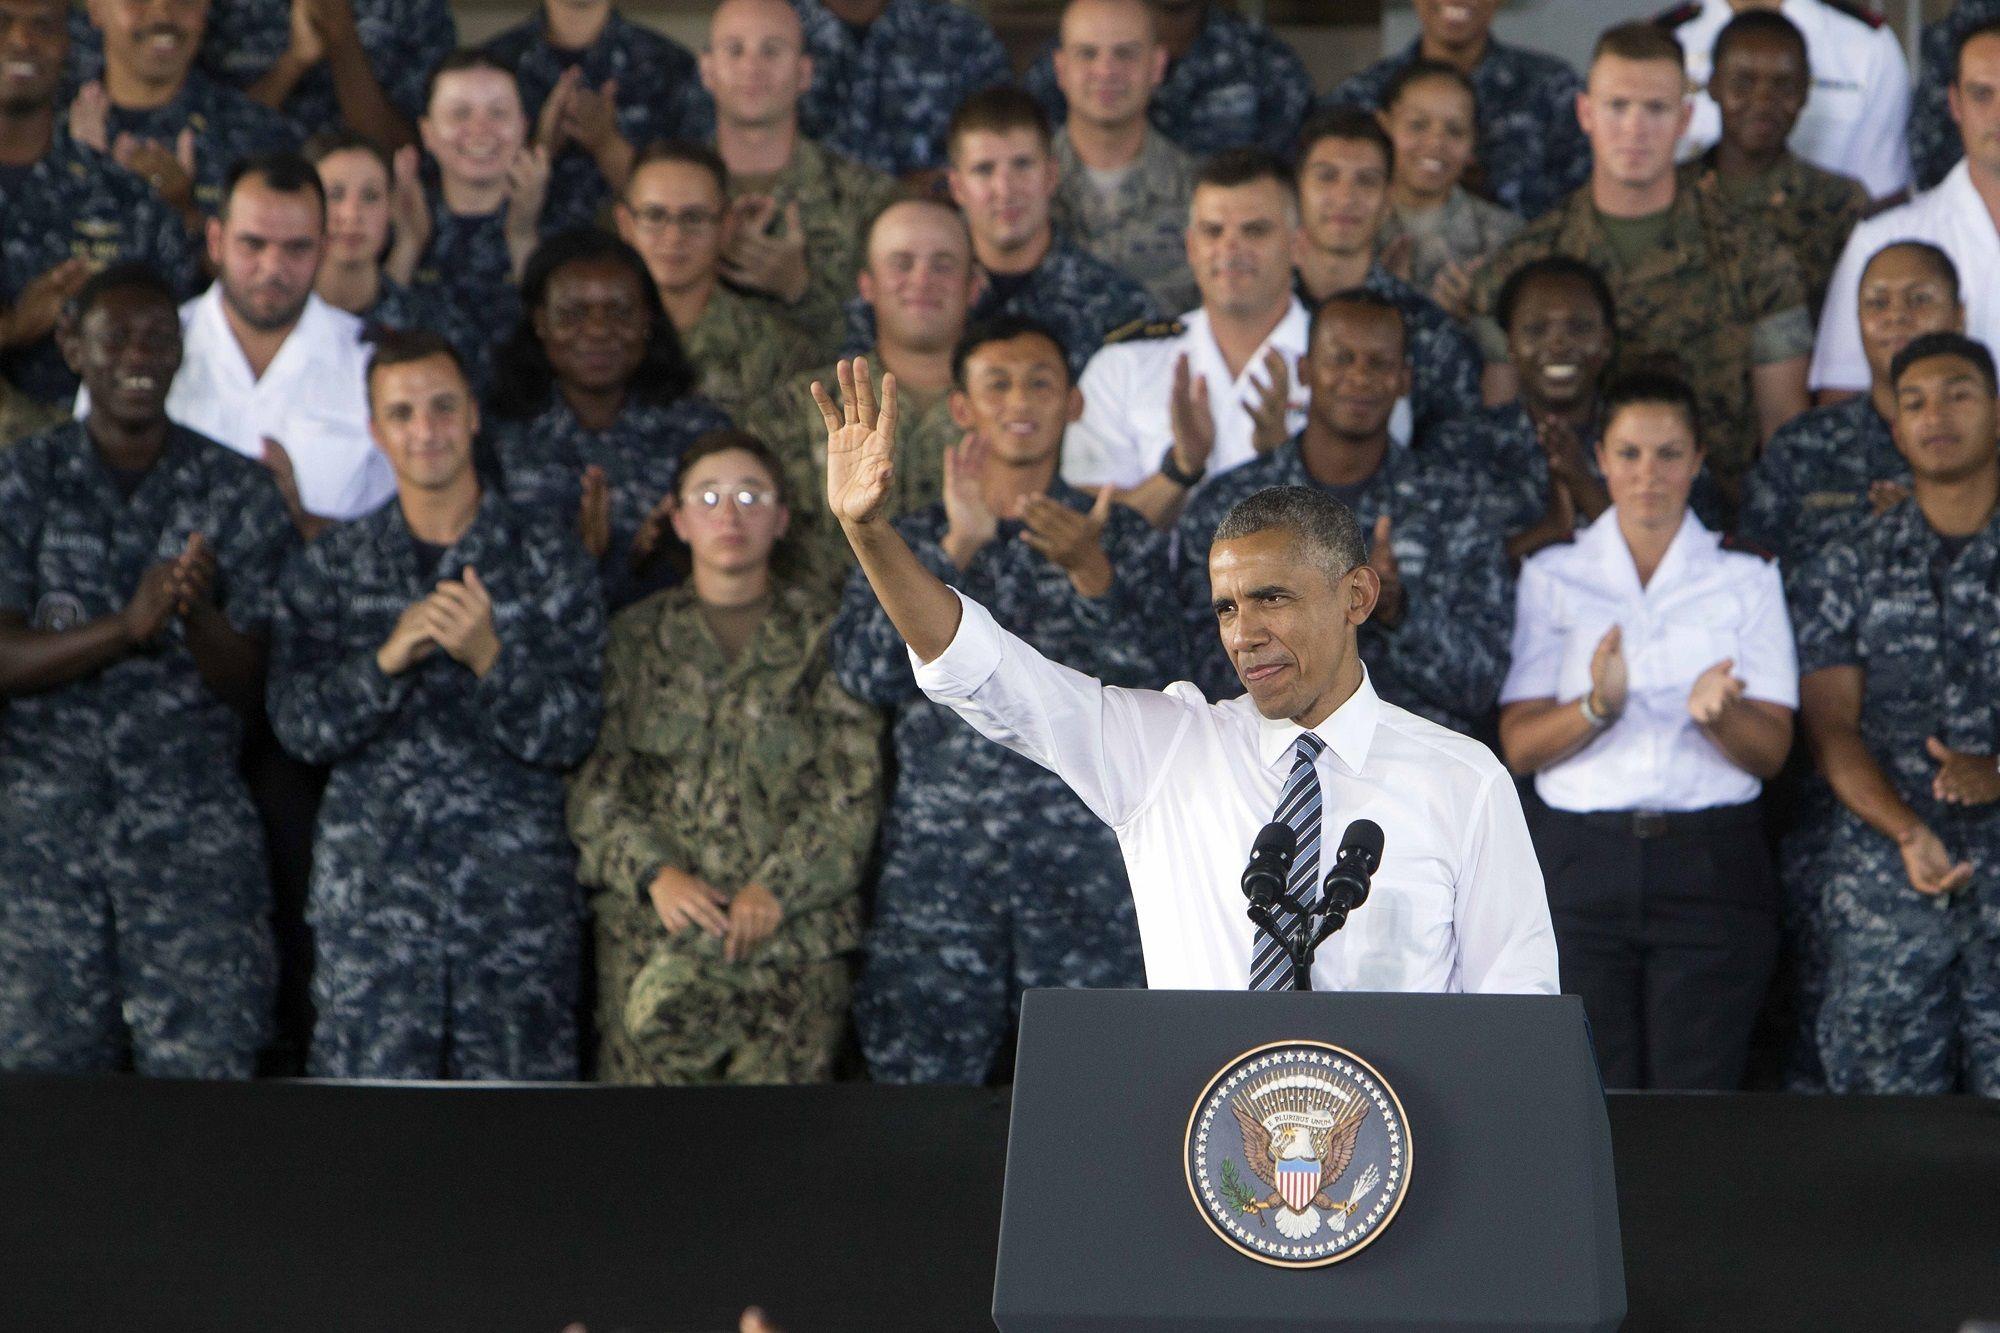 Visita de Barack Obama, presidente de los Estados Unidos de América, a la Base Naval de Rota, 10JUL2016 | Juan Carlos Corchado para MIRA Jerez